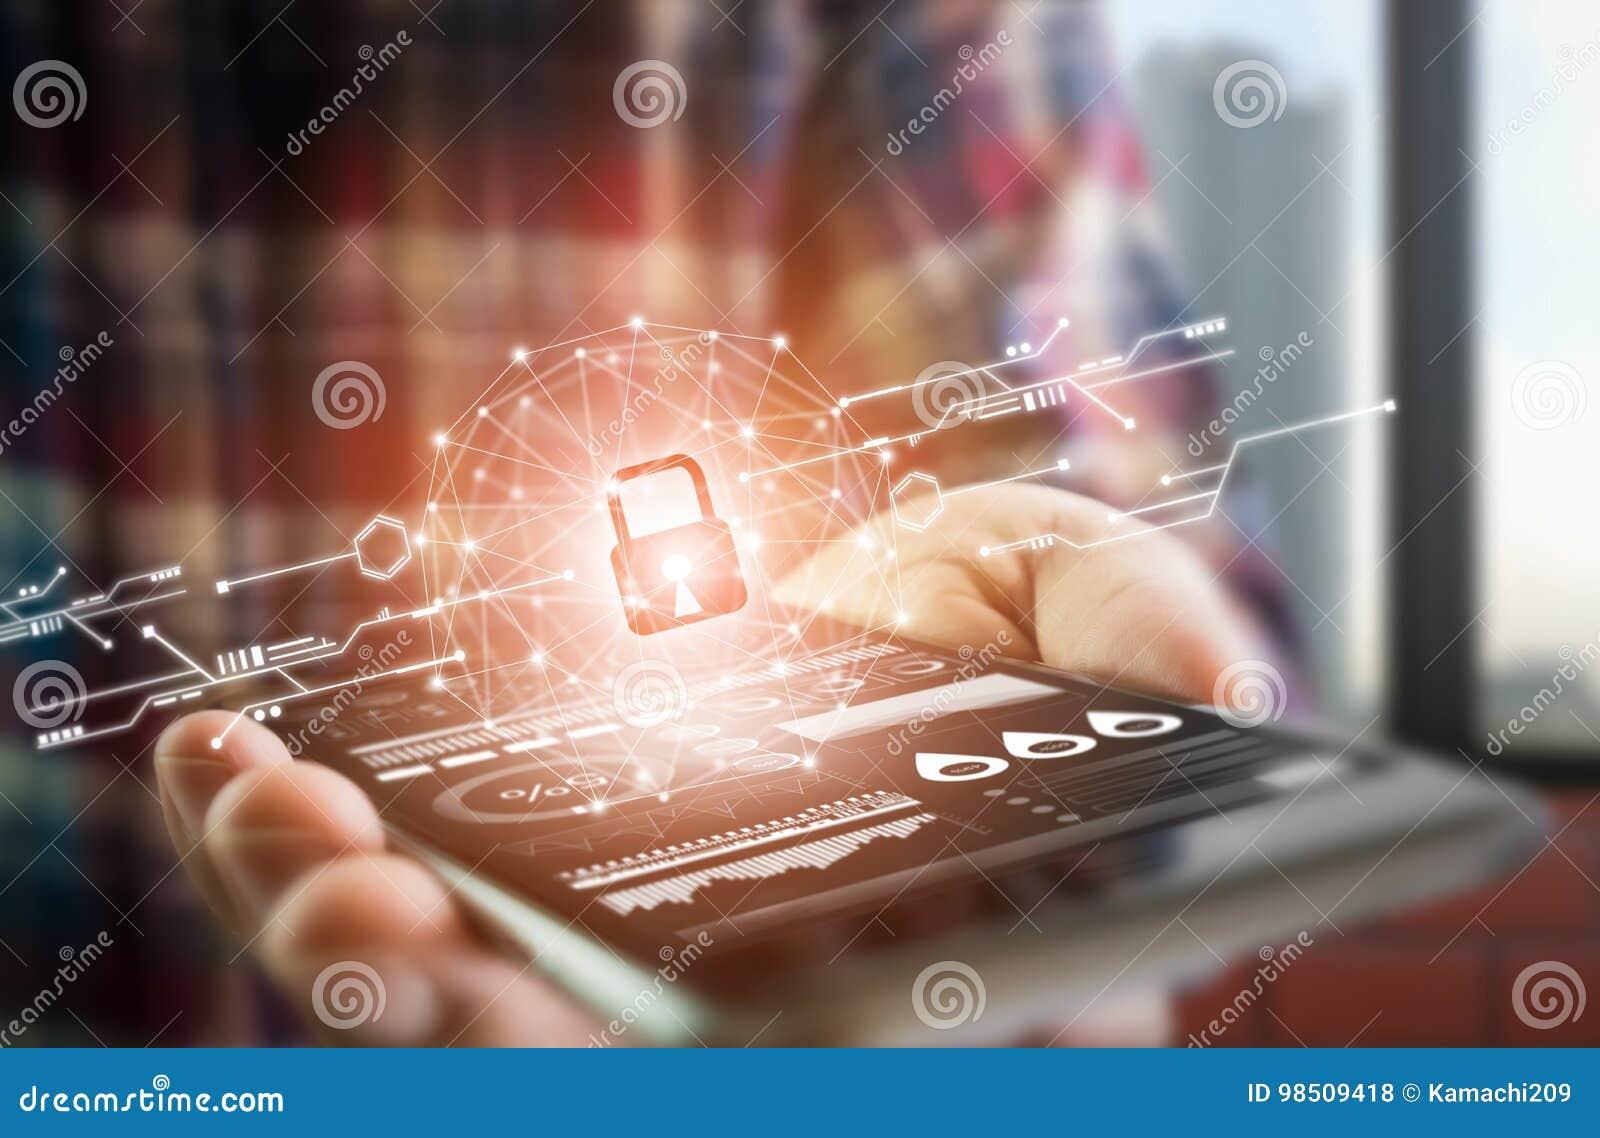 人装饰生活方式举行智能手机屏幕展示在安全网上世界的钥匙 显示和技术前进